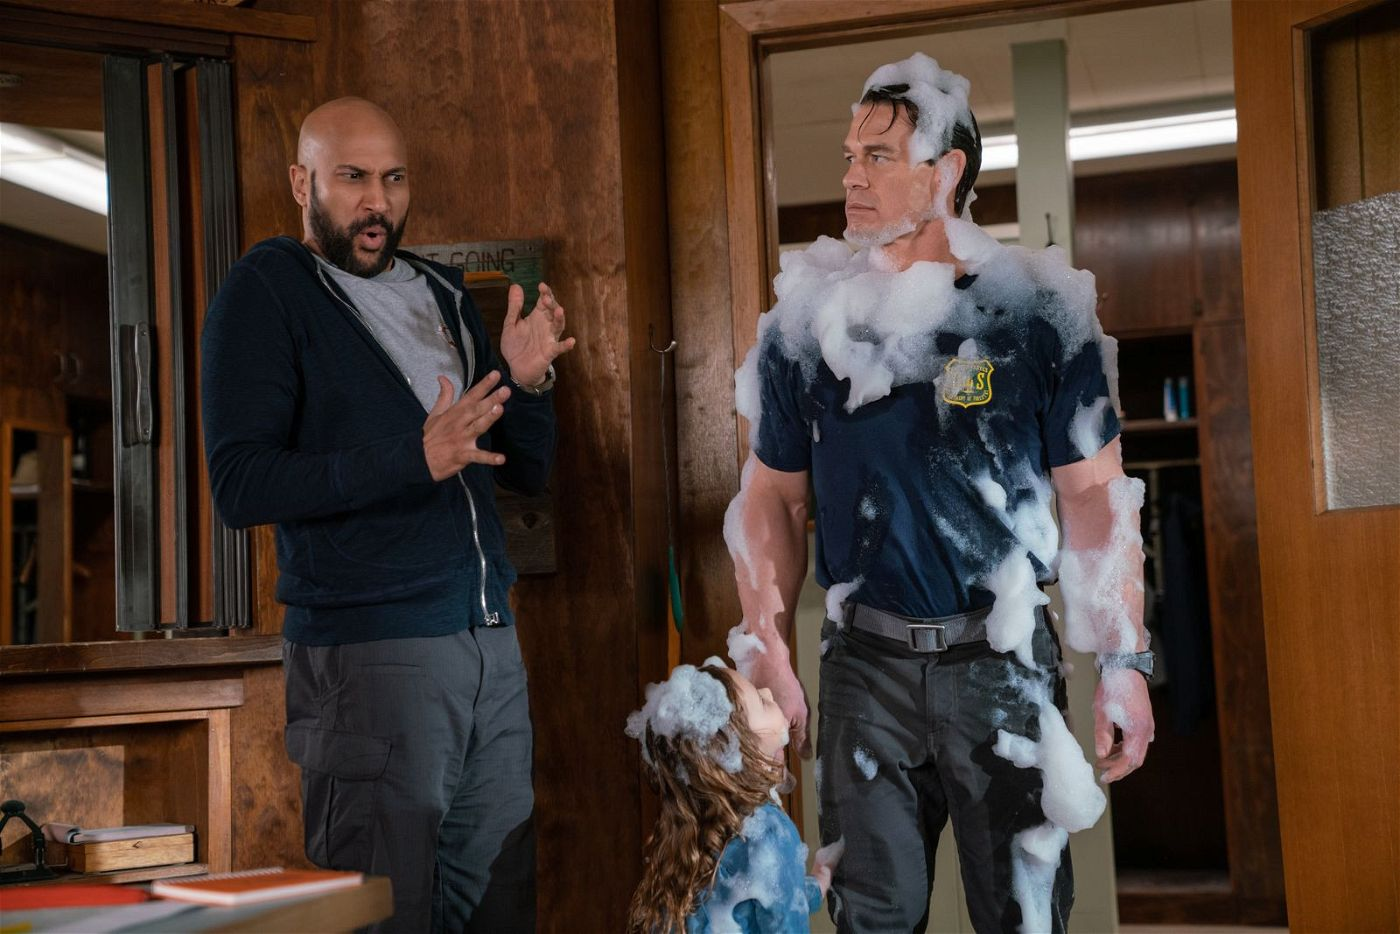 Kinder sind definitiv nicht das Spezialgebiet von Mark (Keegan-Michael Key, links) und Jake (John Cena). Doch nun sind sie gezwungenermaßen die Babysitter von Zoey (Finley Rose Slater) - mit allen Konsequenzen.